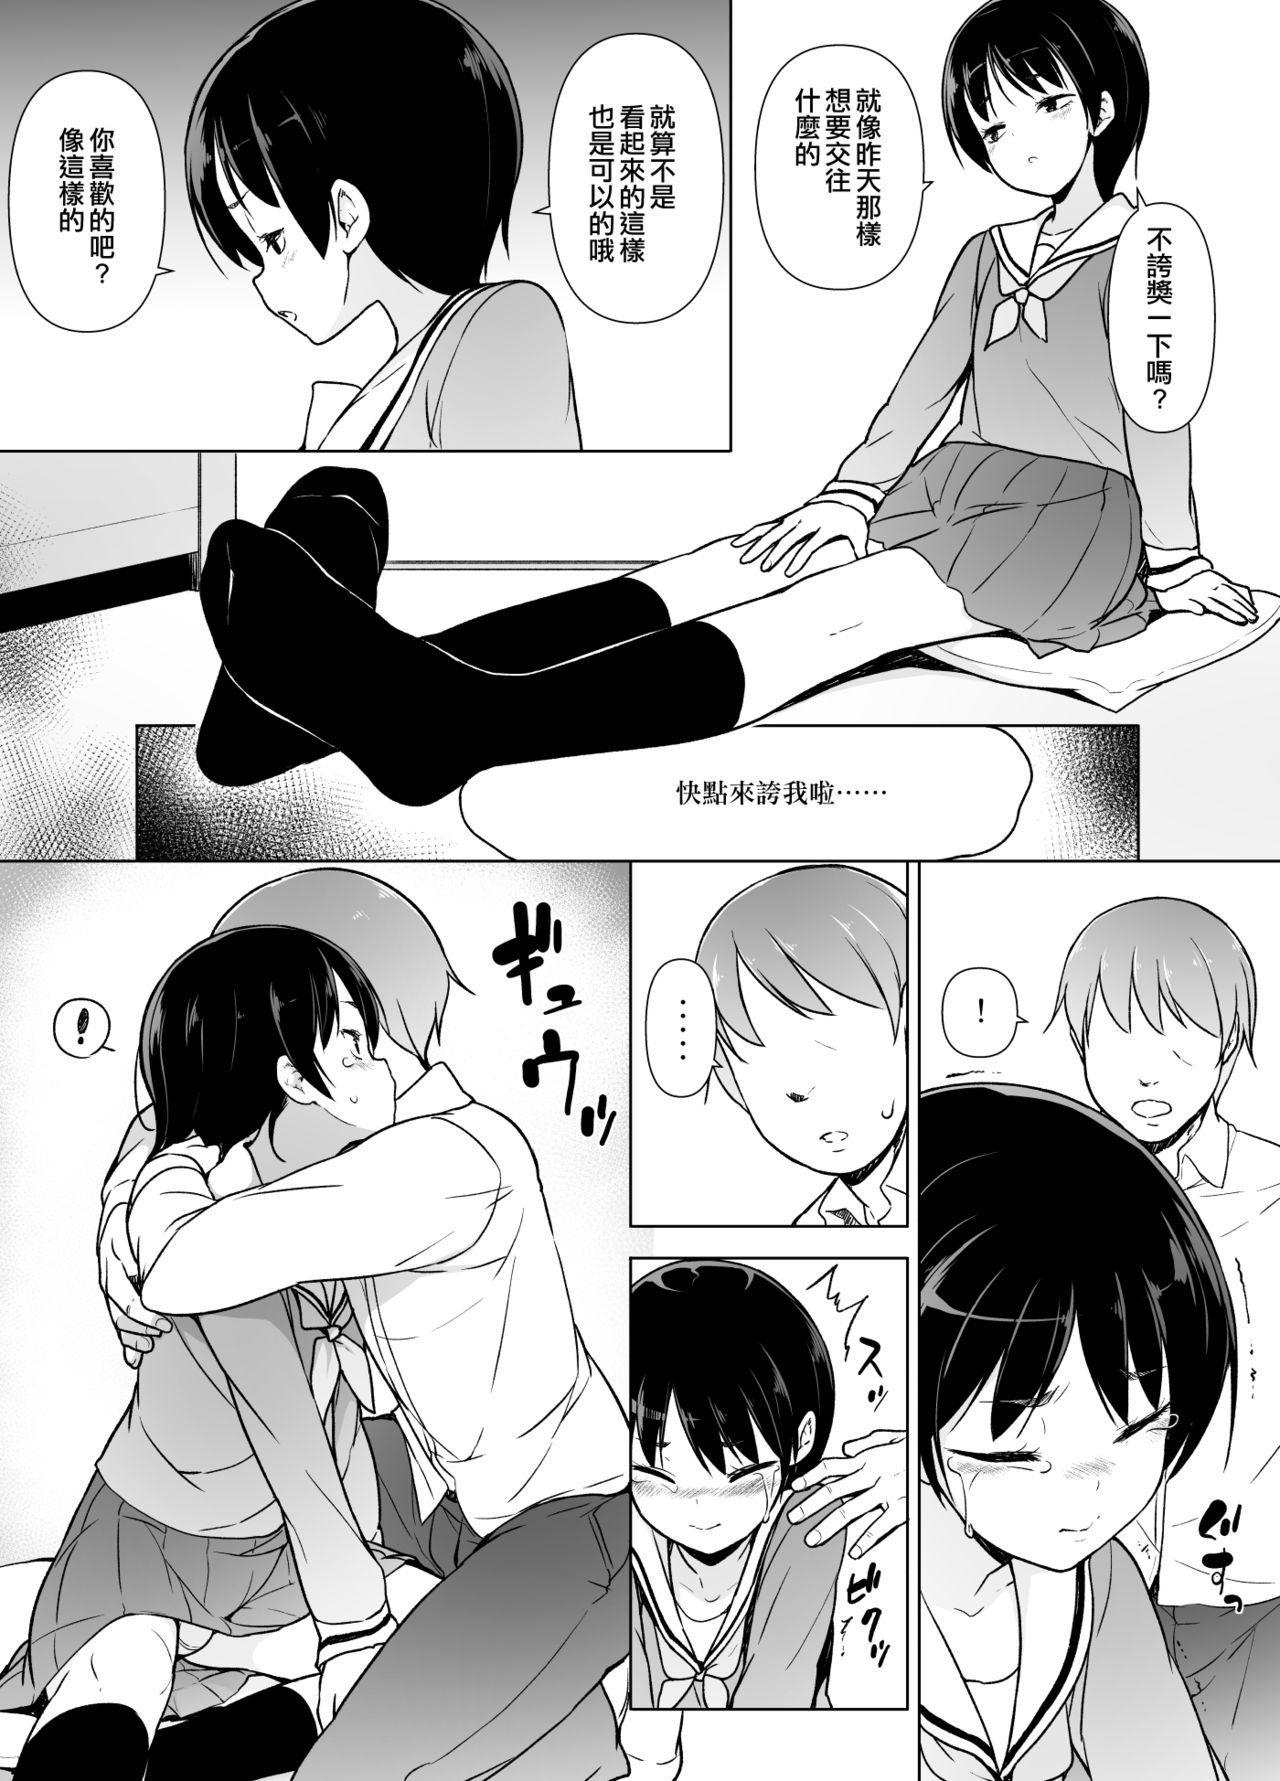 Josoukko no Boku wa Tonari no Oji-san no Mono ni Naru 17